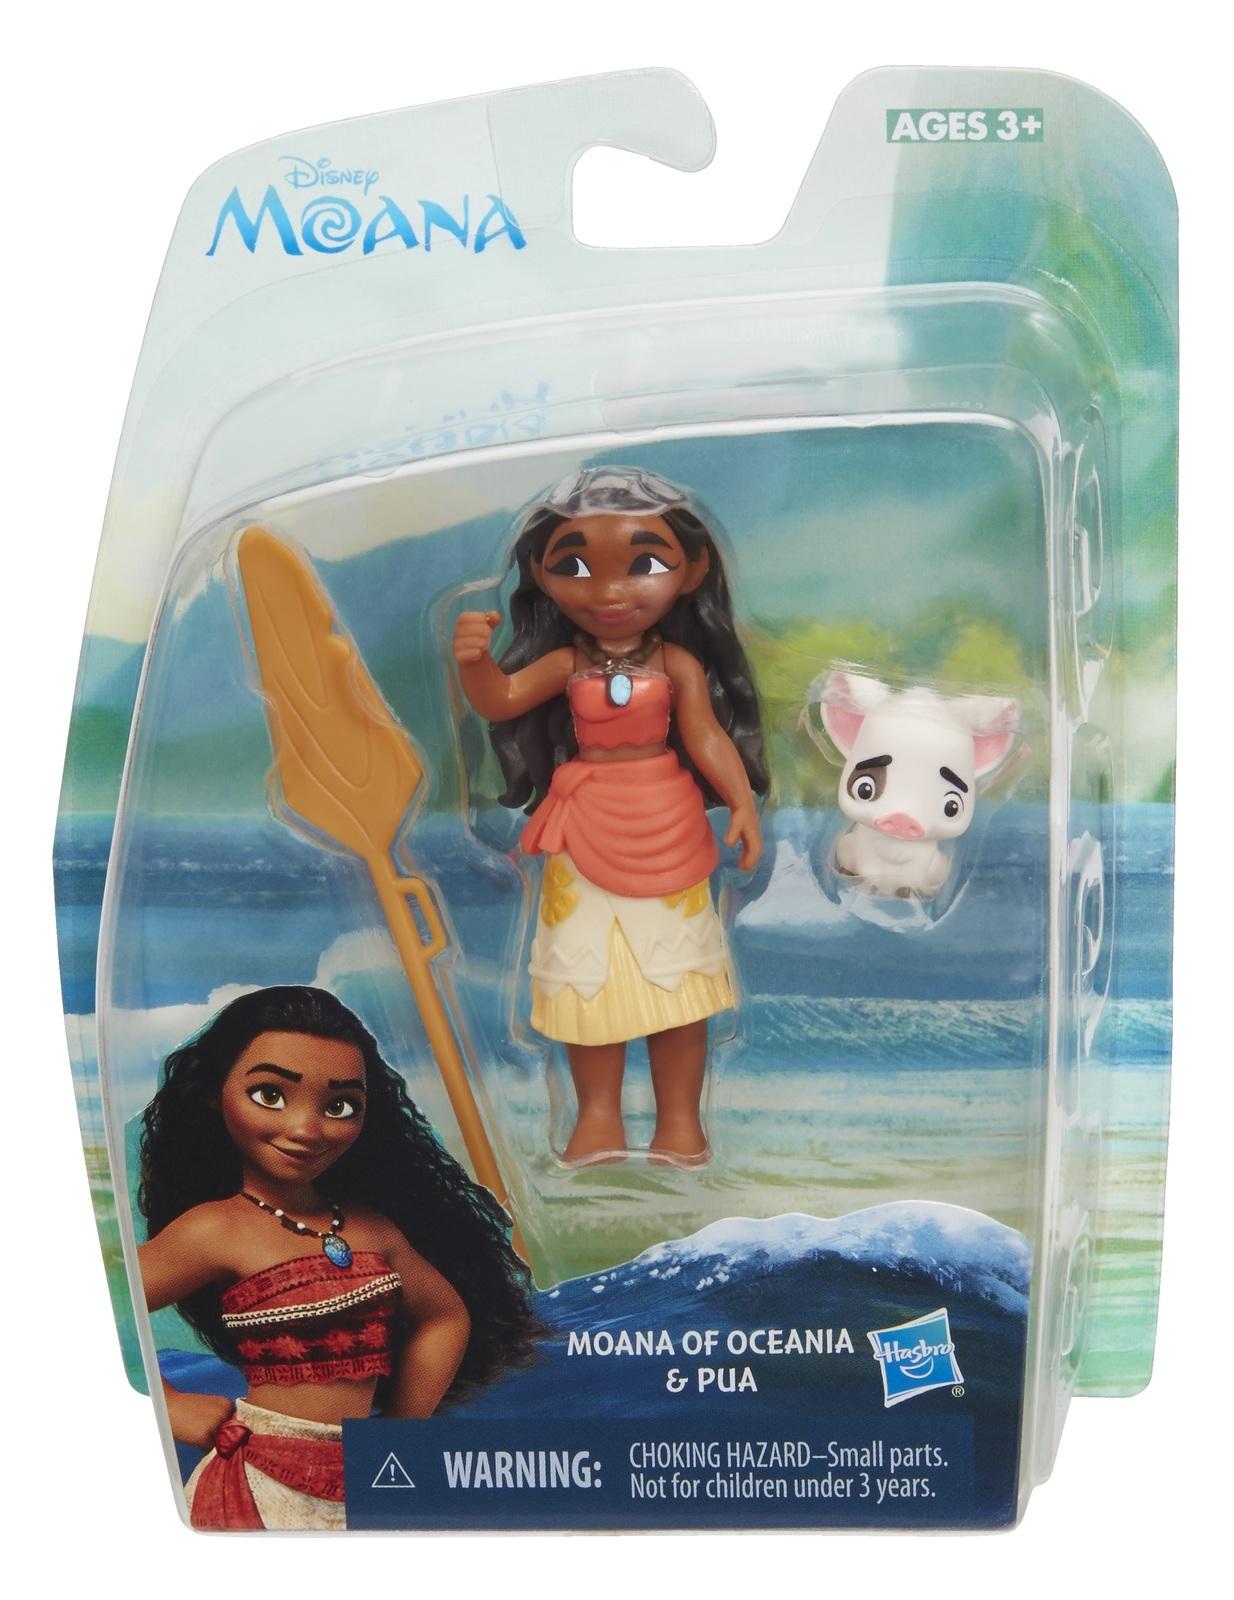 Disney's Moana: Young Moana Of Oceania & Pua- Small Doll Set image